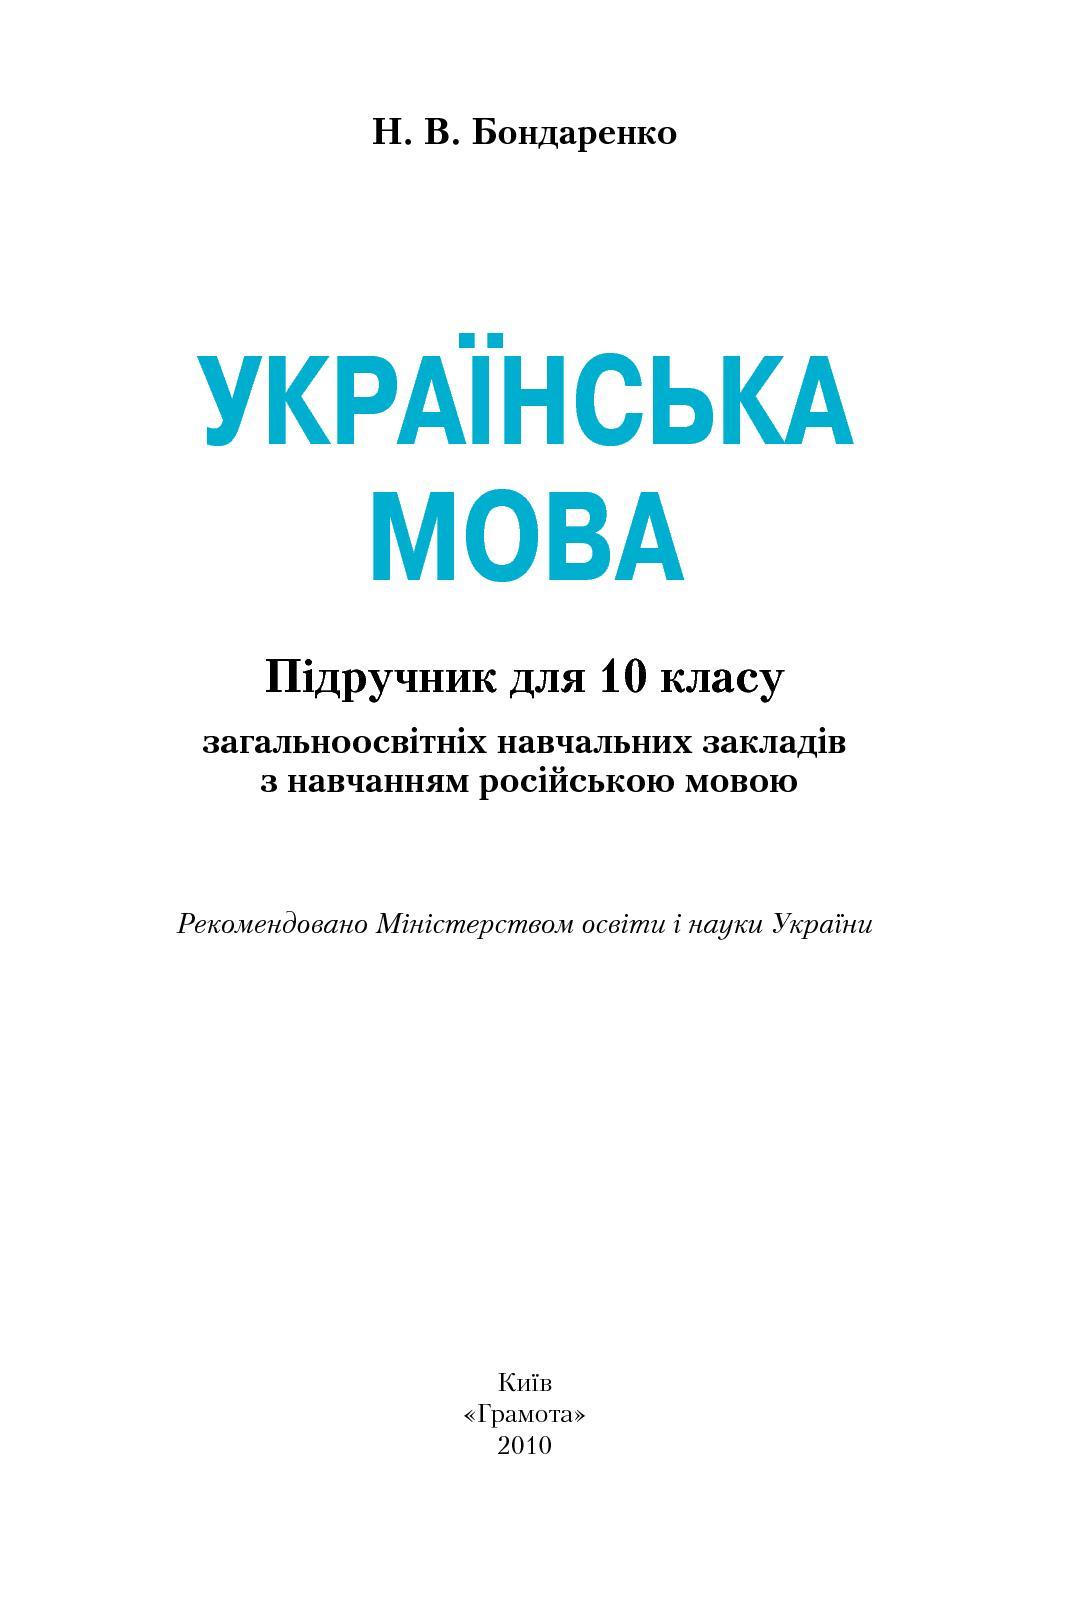 Calaméo - 10 класс. Украинский язык Bondarenko 2010 dad628484d42d